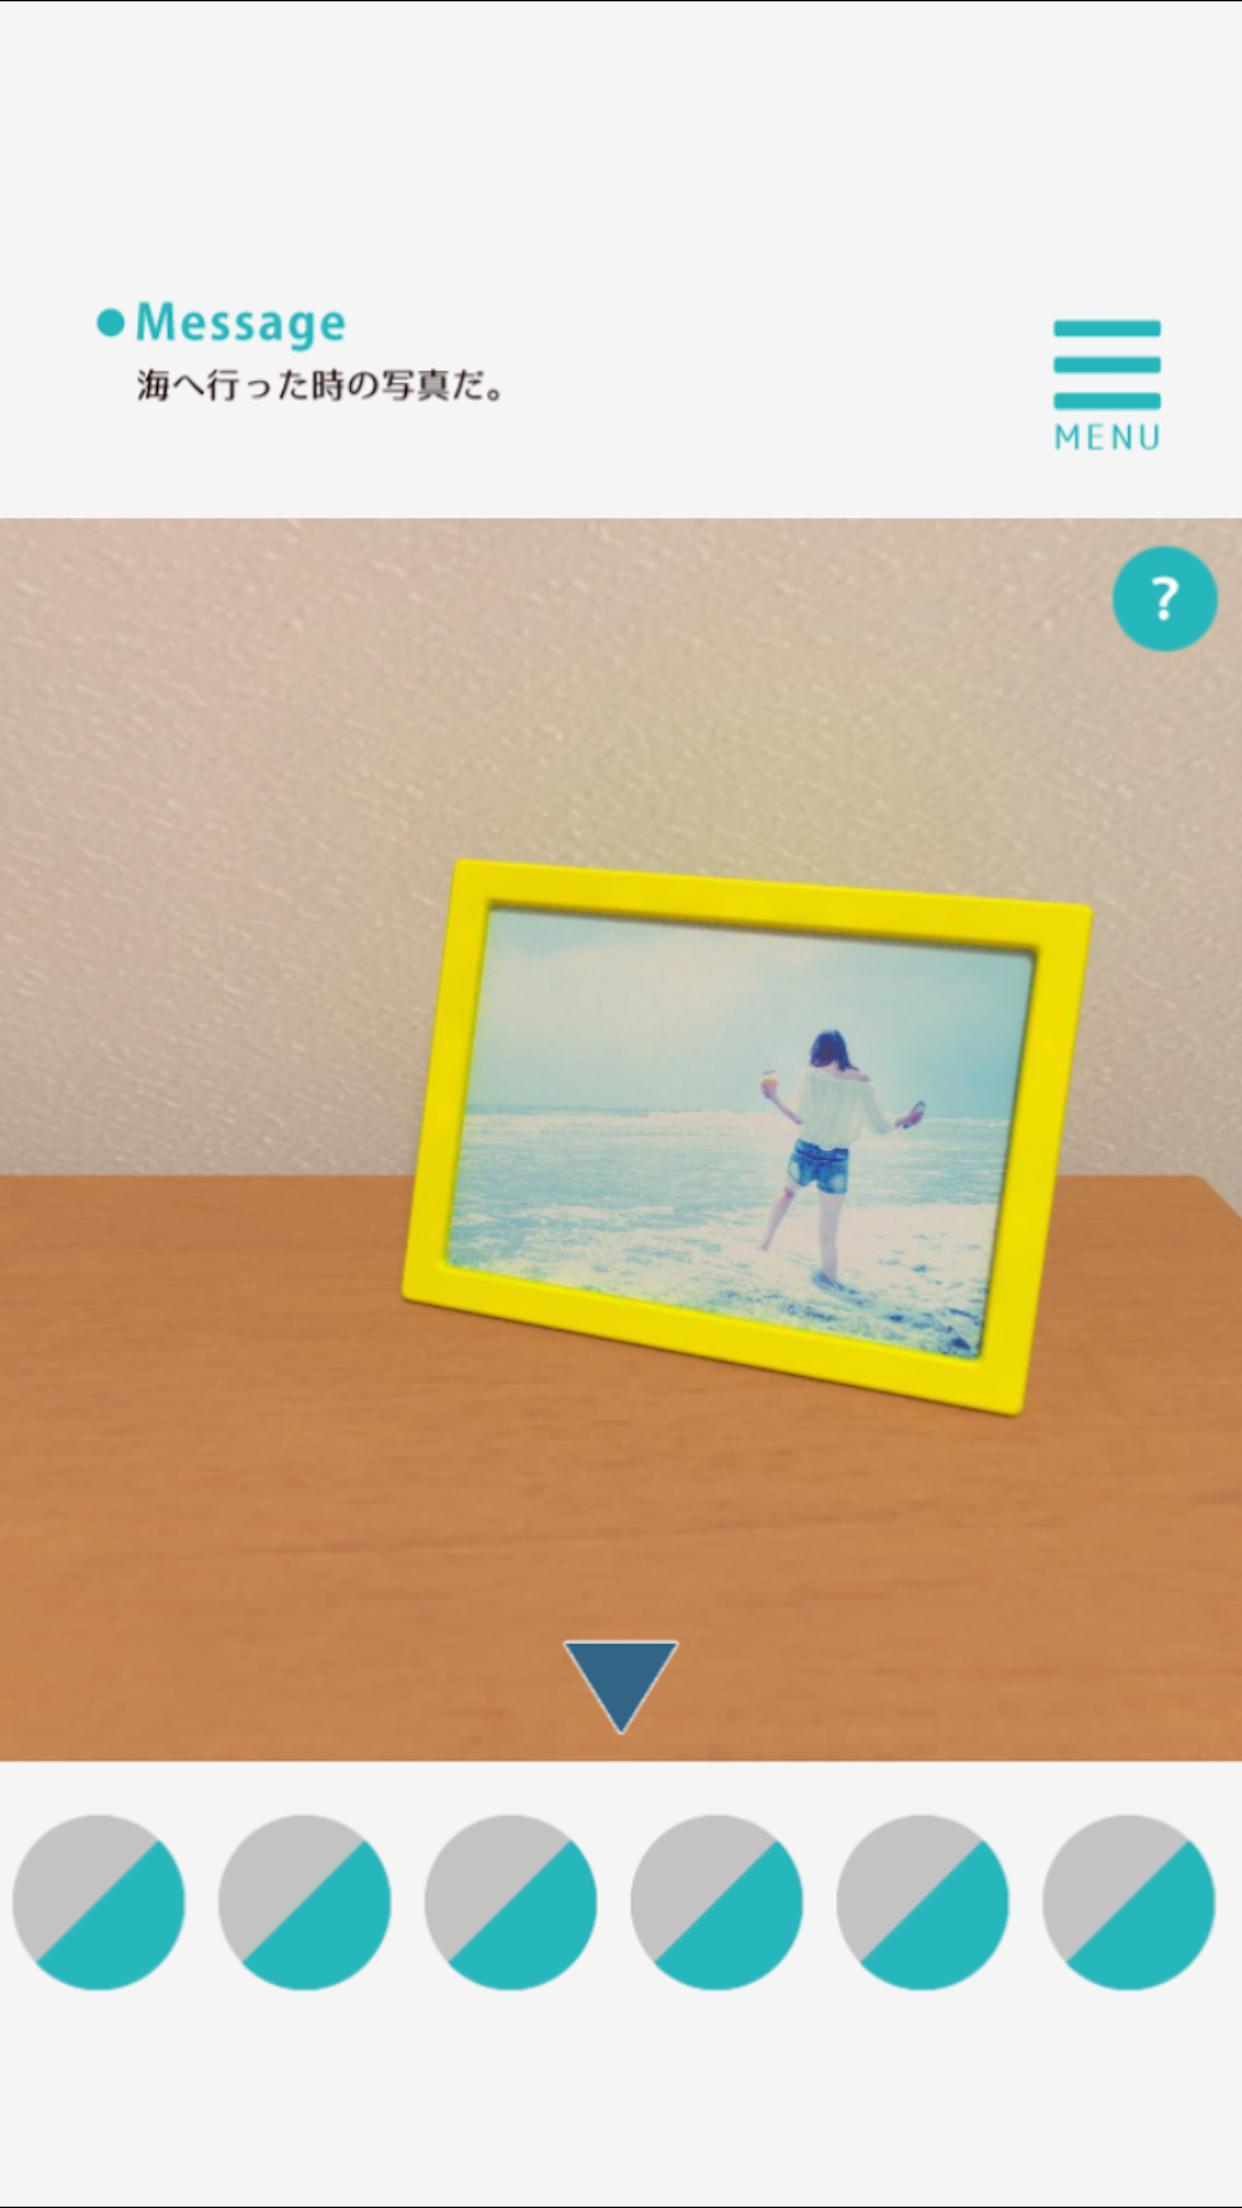 脱出ゲーム - 1Room - 1.0.2 Screenshot 4